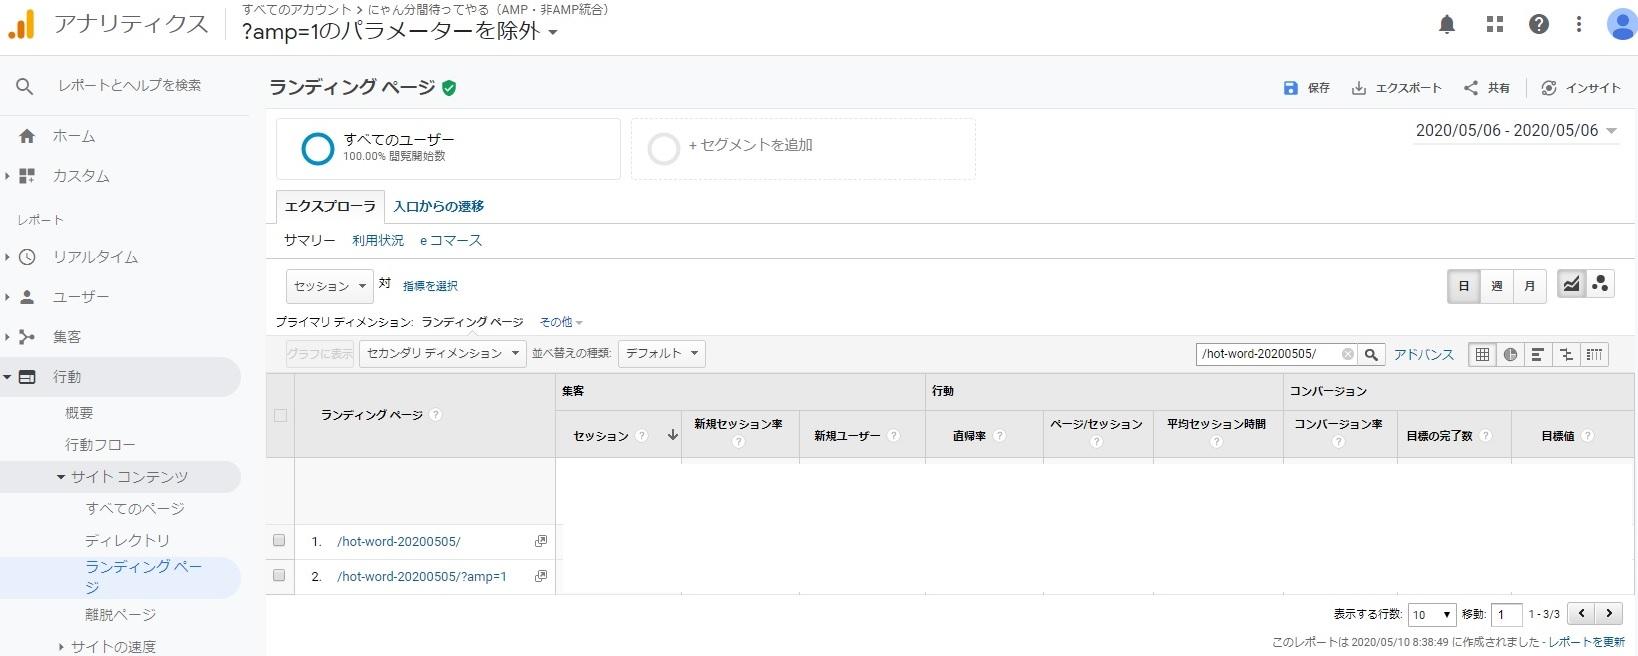 Googleアナリティクス管理画面、行動>サイトコンテンツ>ランディングページ